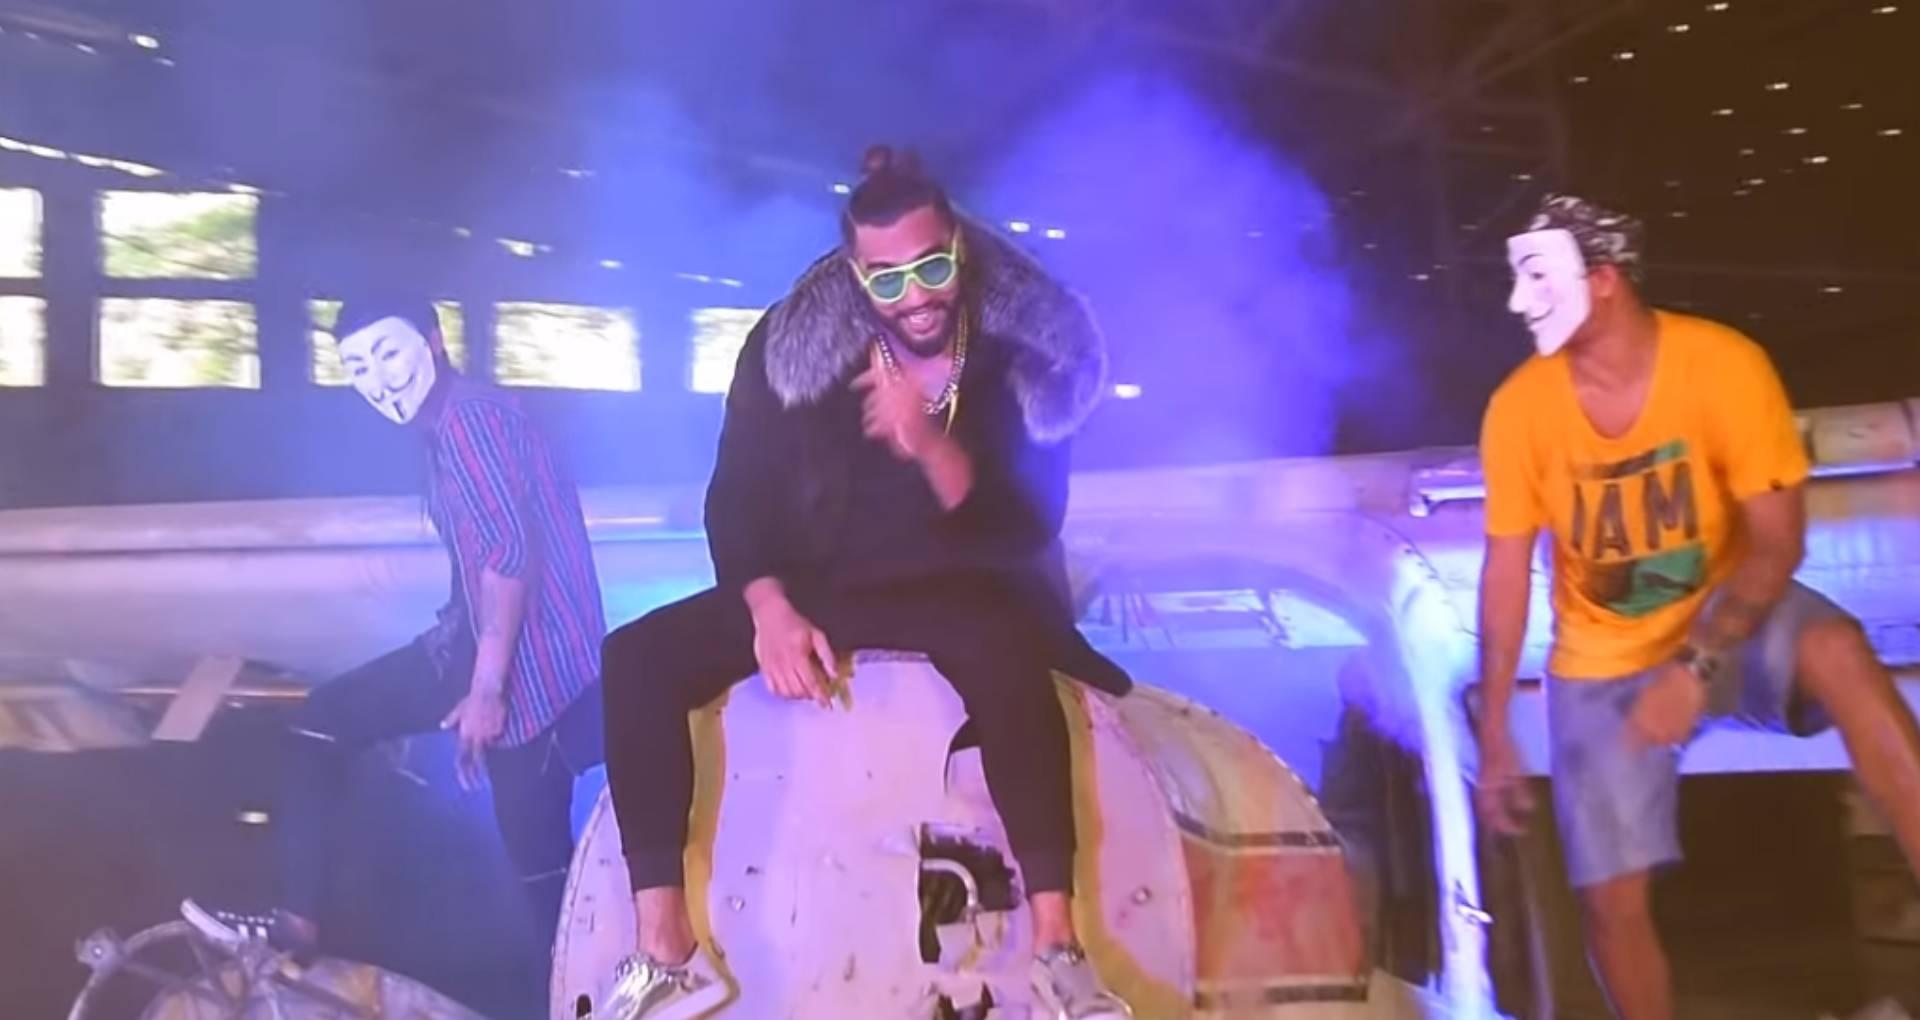 Bhojpuri Hip Hop 2: एमी कांग का ये रैप सुनकर भूल जाएंगे फेमस रैपर्स, देखिए अश्लीलता पर तंज कसता हुआ ये सॉन्ग